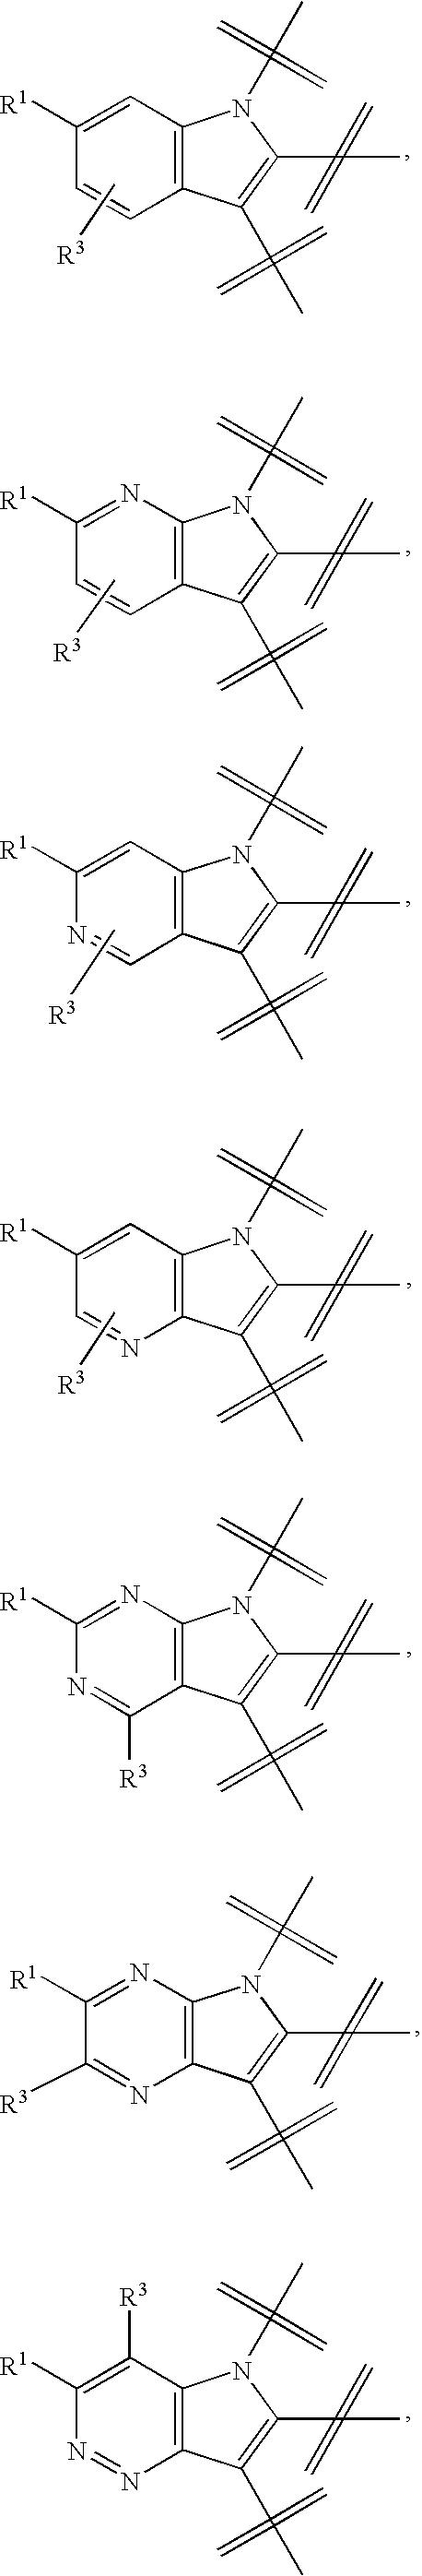 Figure US20070049593A1-20070301-C00064